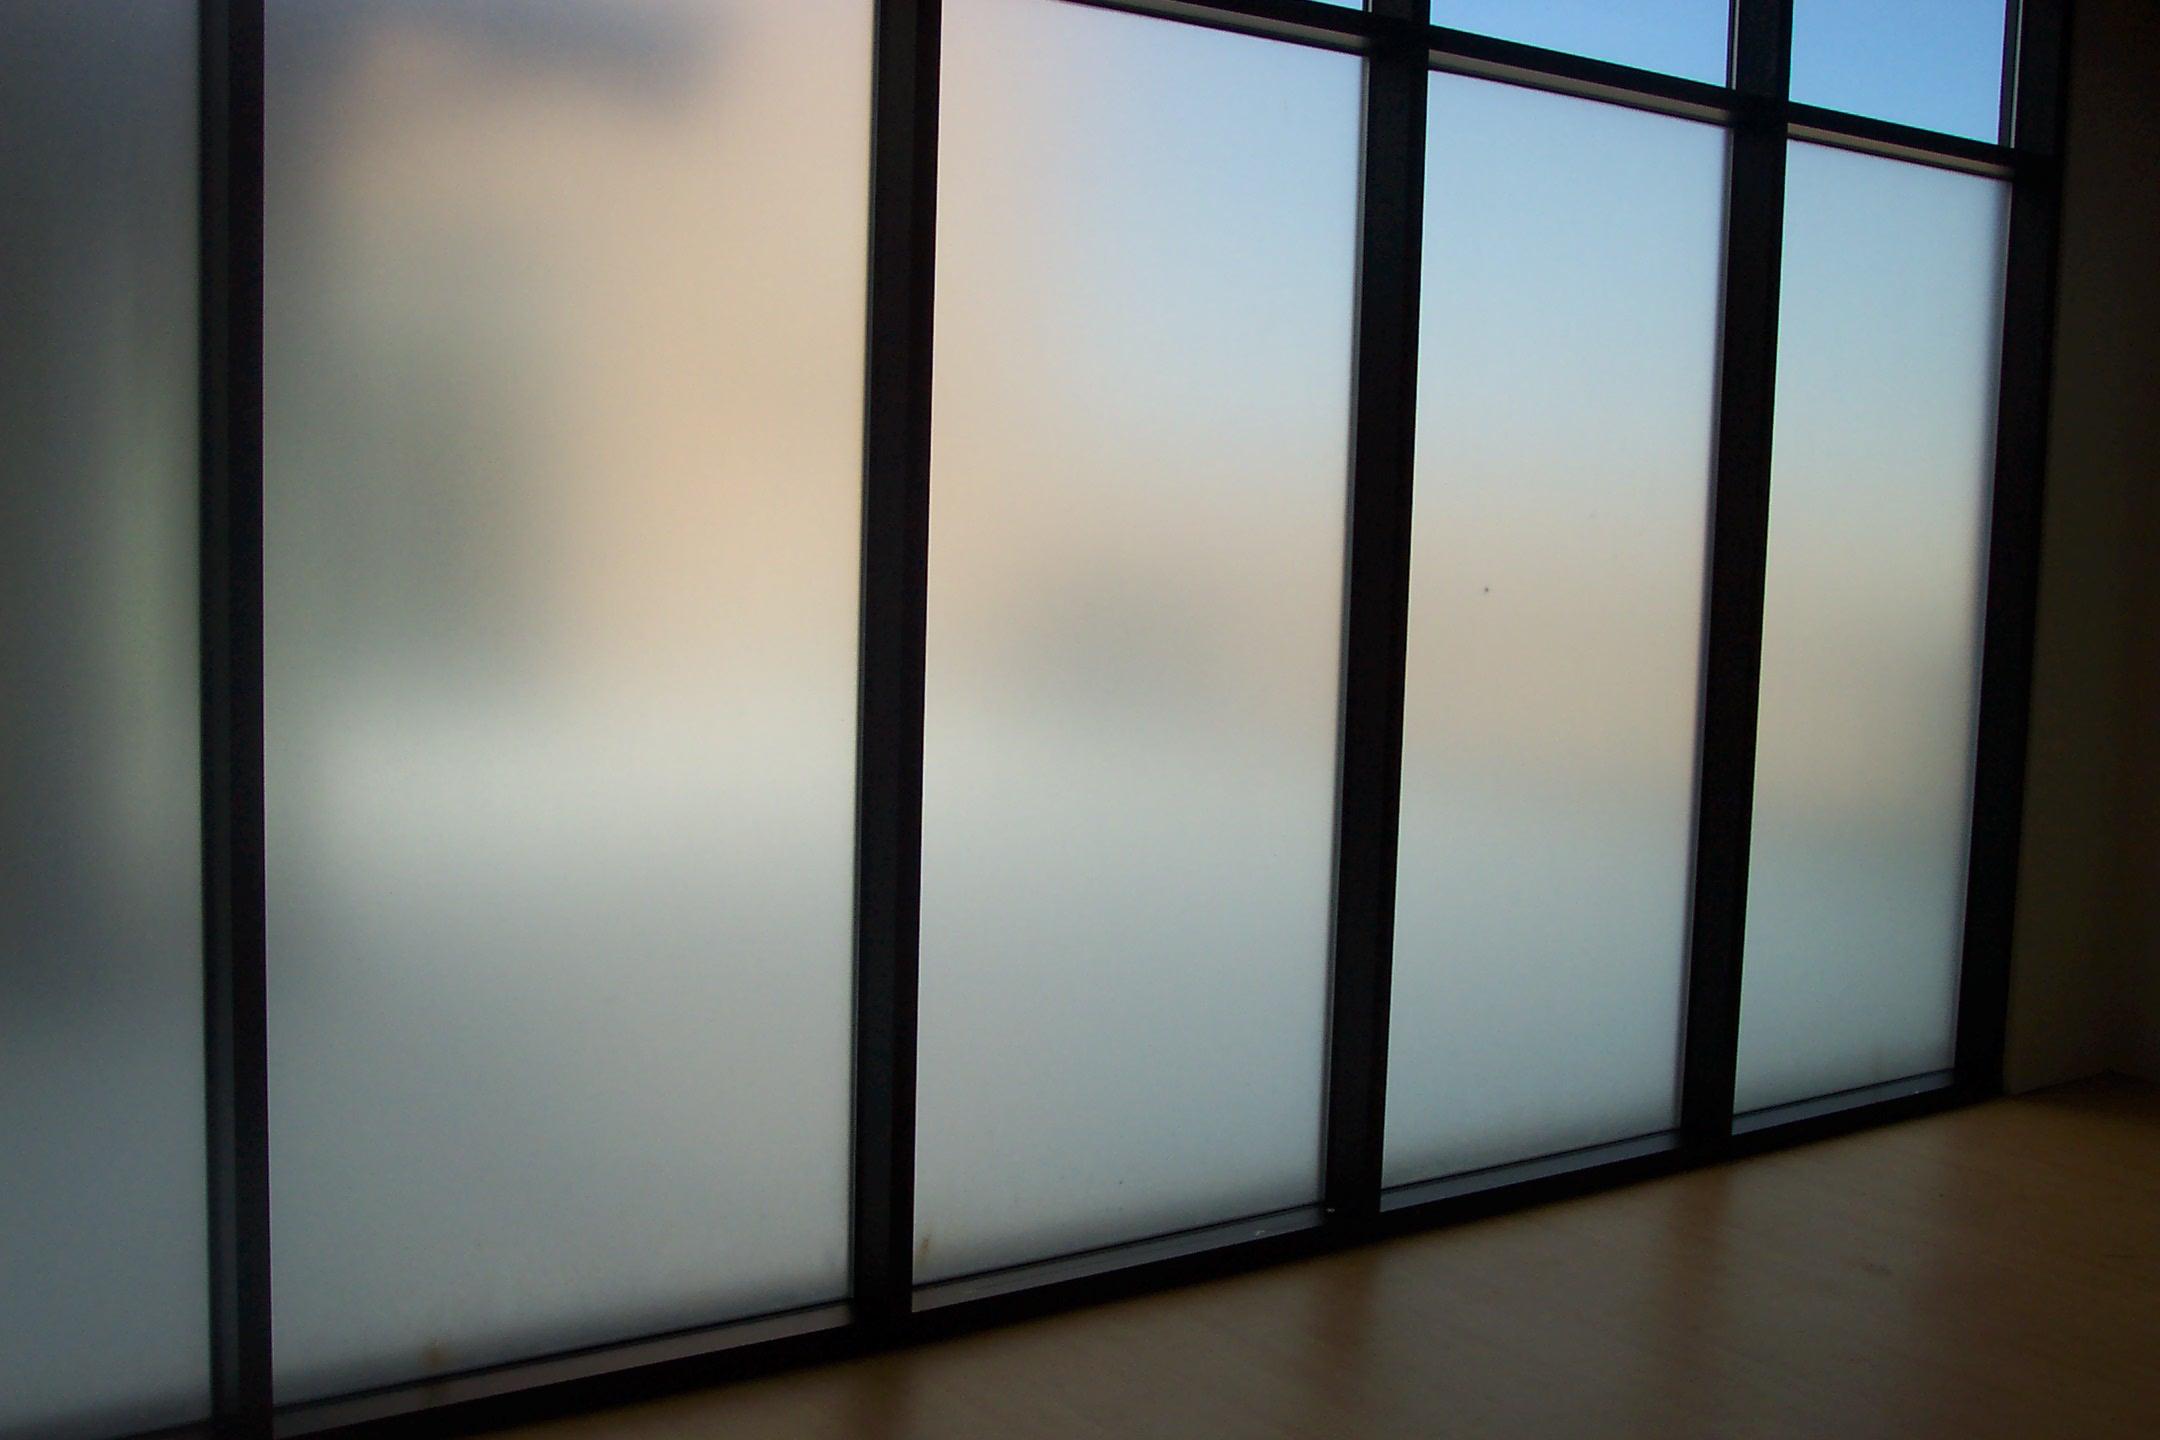 Milchglasfolie Sichtschutzfolie Fensterfolie satinierte Dekorfolie